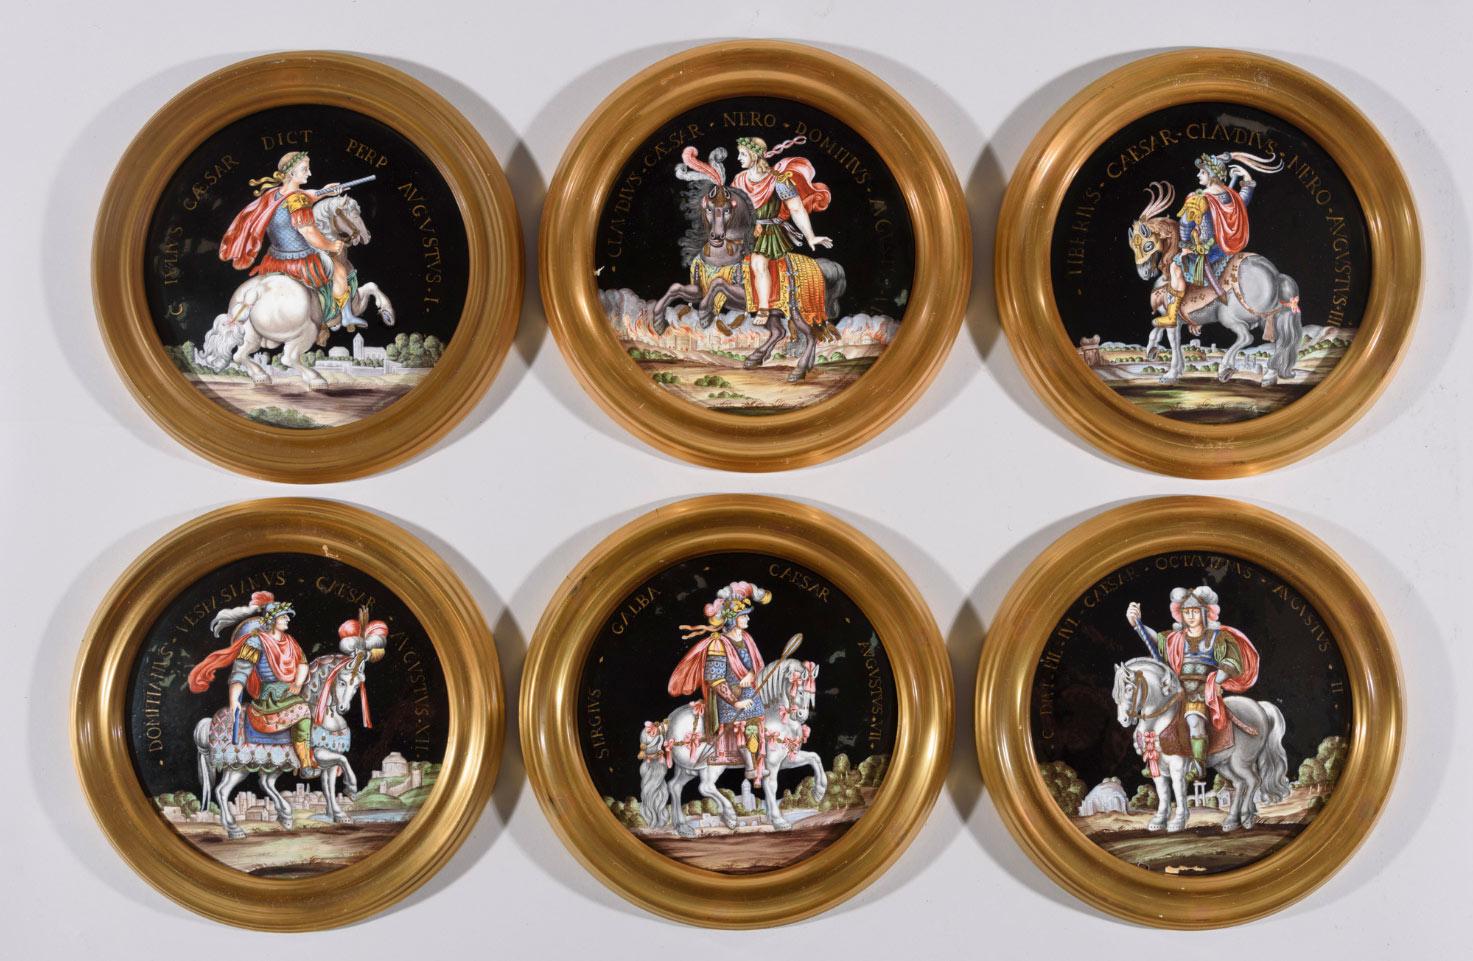 948-Doce-tondos-en-esmalte-de-Limoges,-1820-1830.-En-porcelana-esmaltada,-representando-a-doce-emperadores-romanos.01